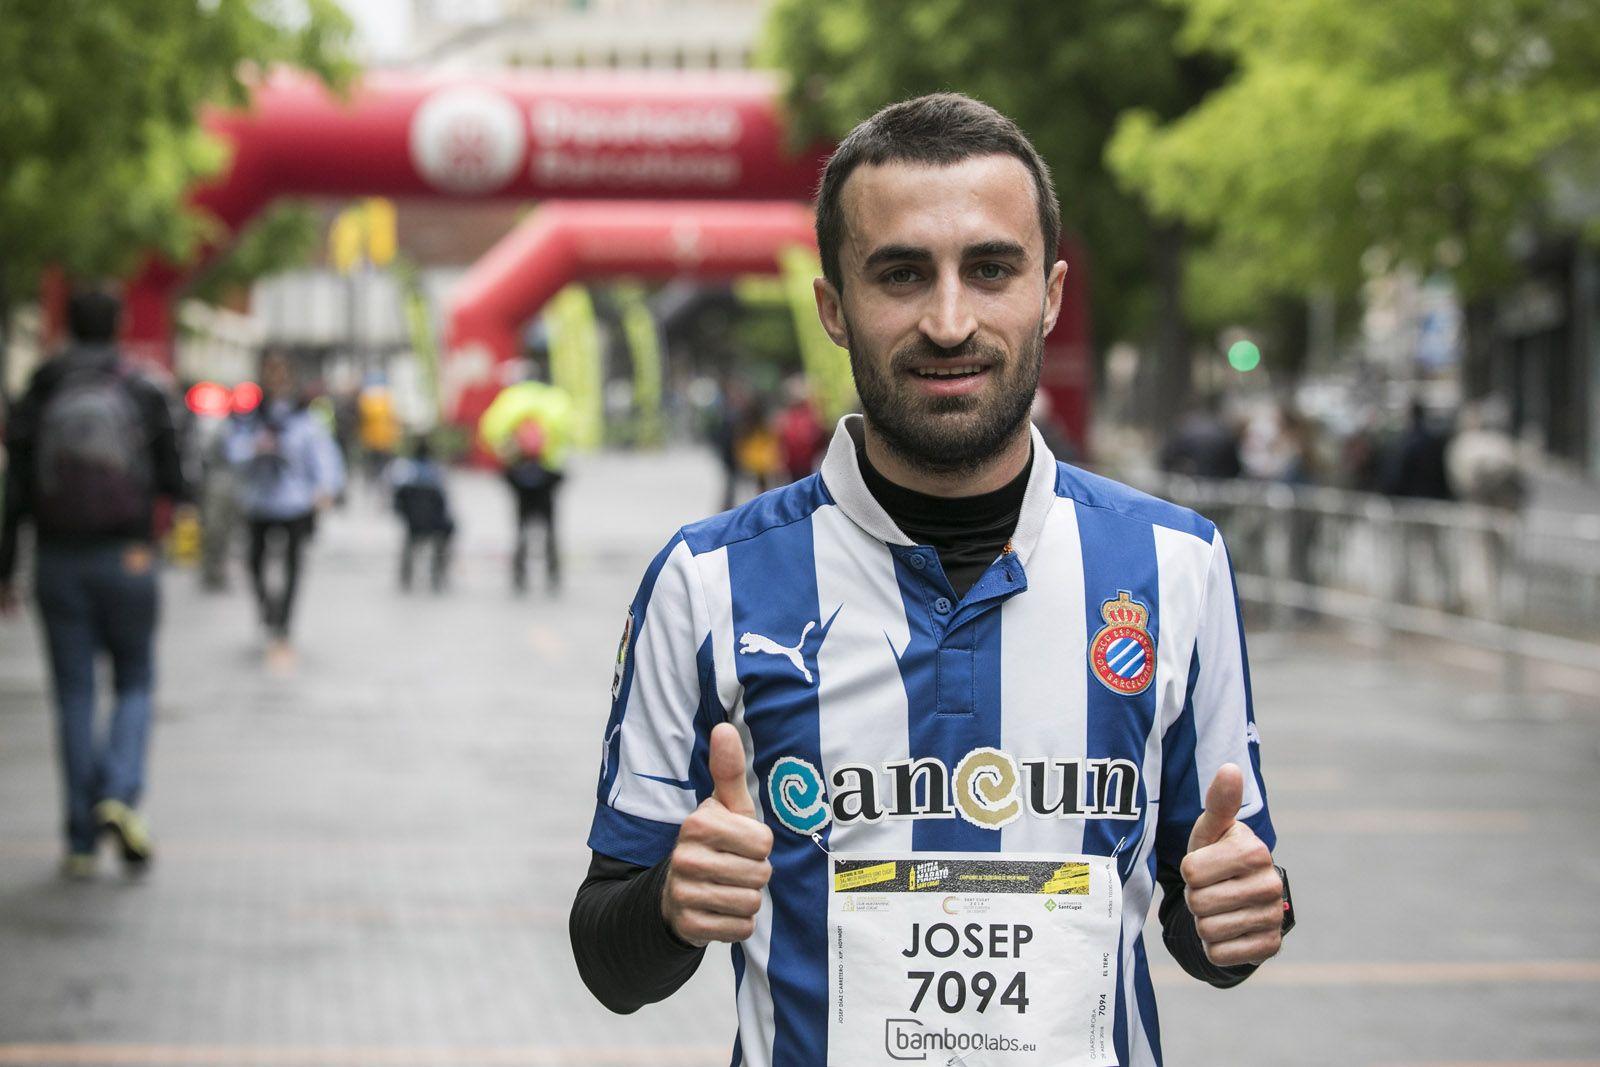 Josep Díaz, campió de la cursa dels 7 quilòmetres. FOTO: Lali Puig